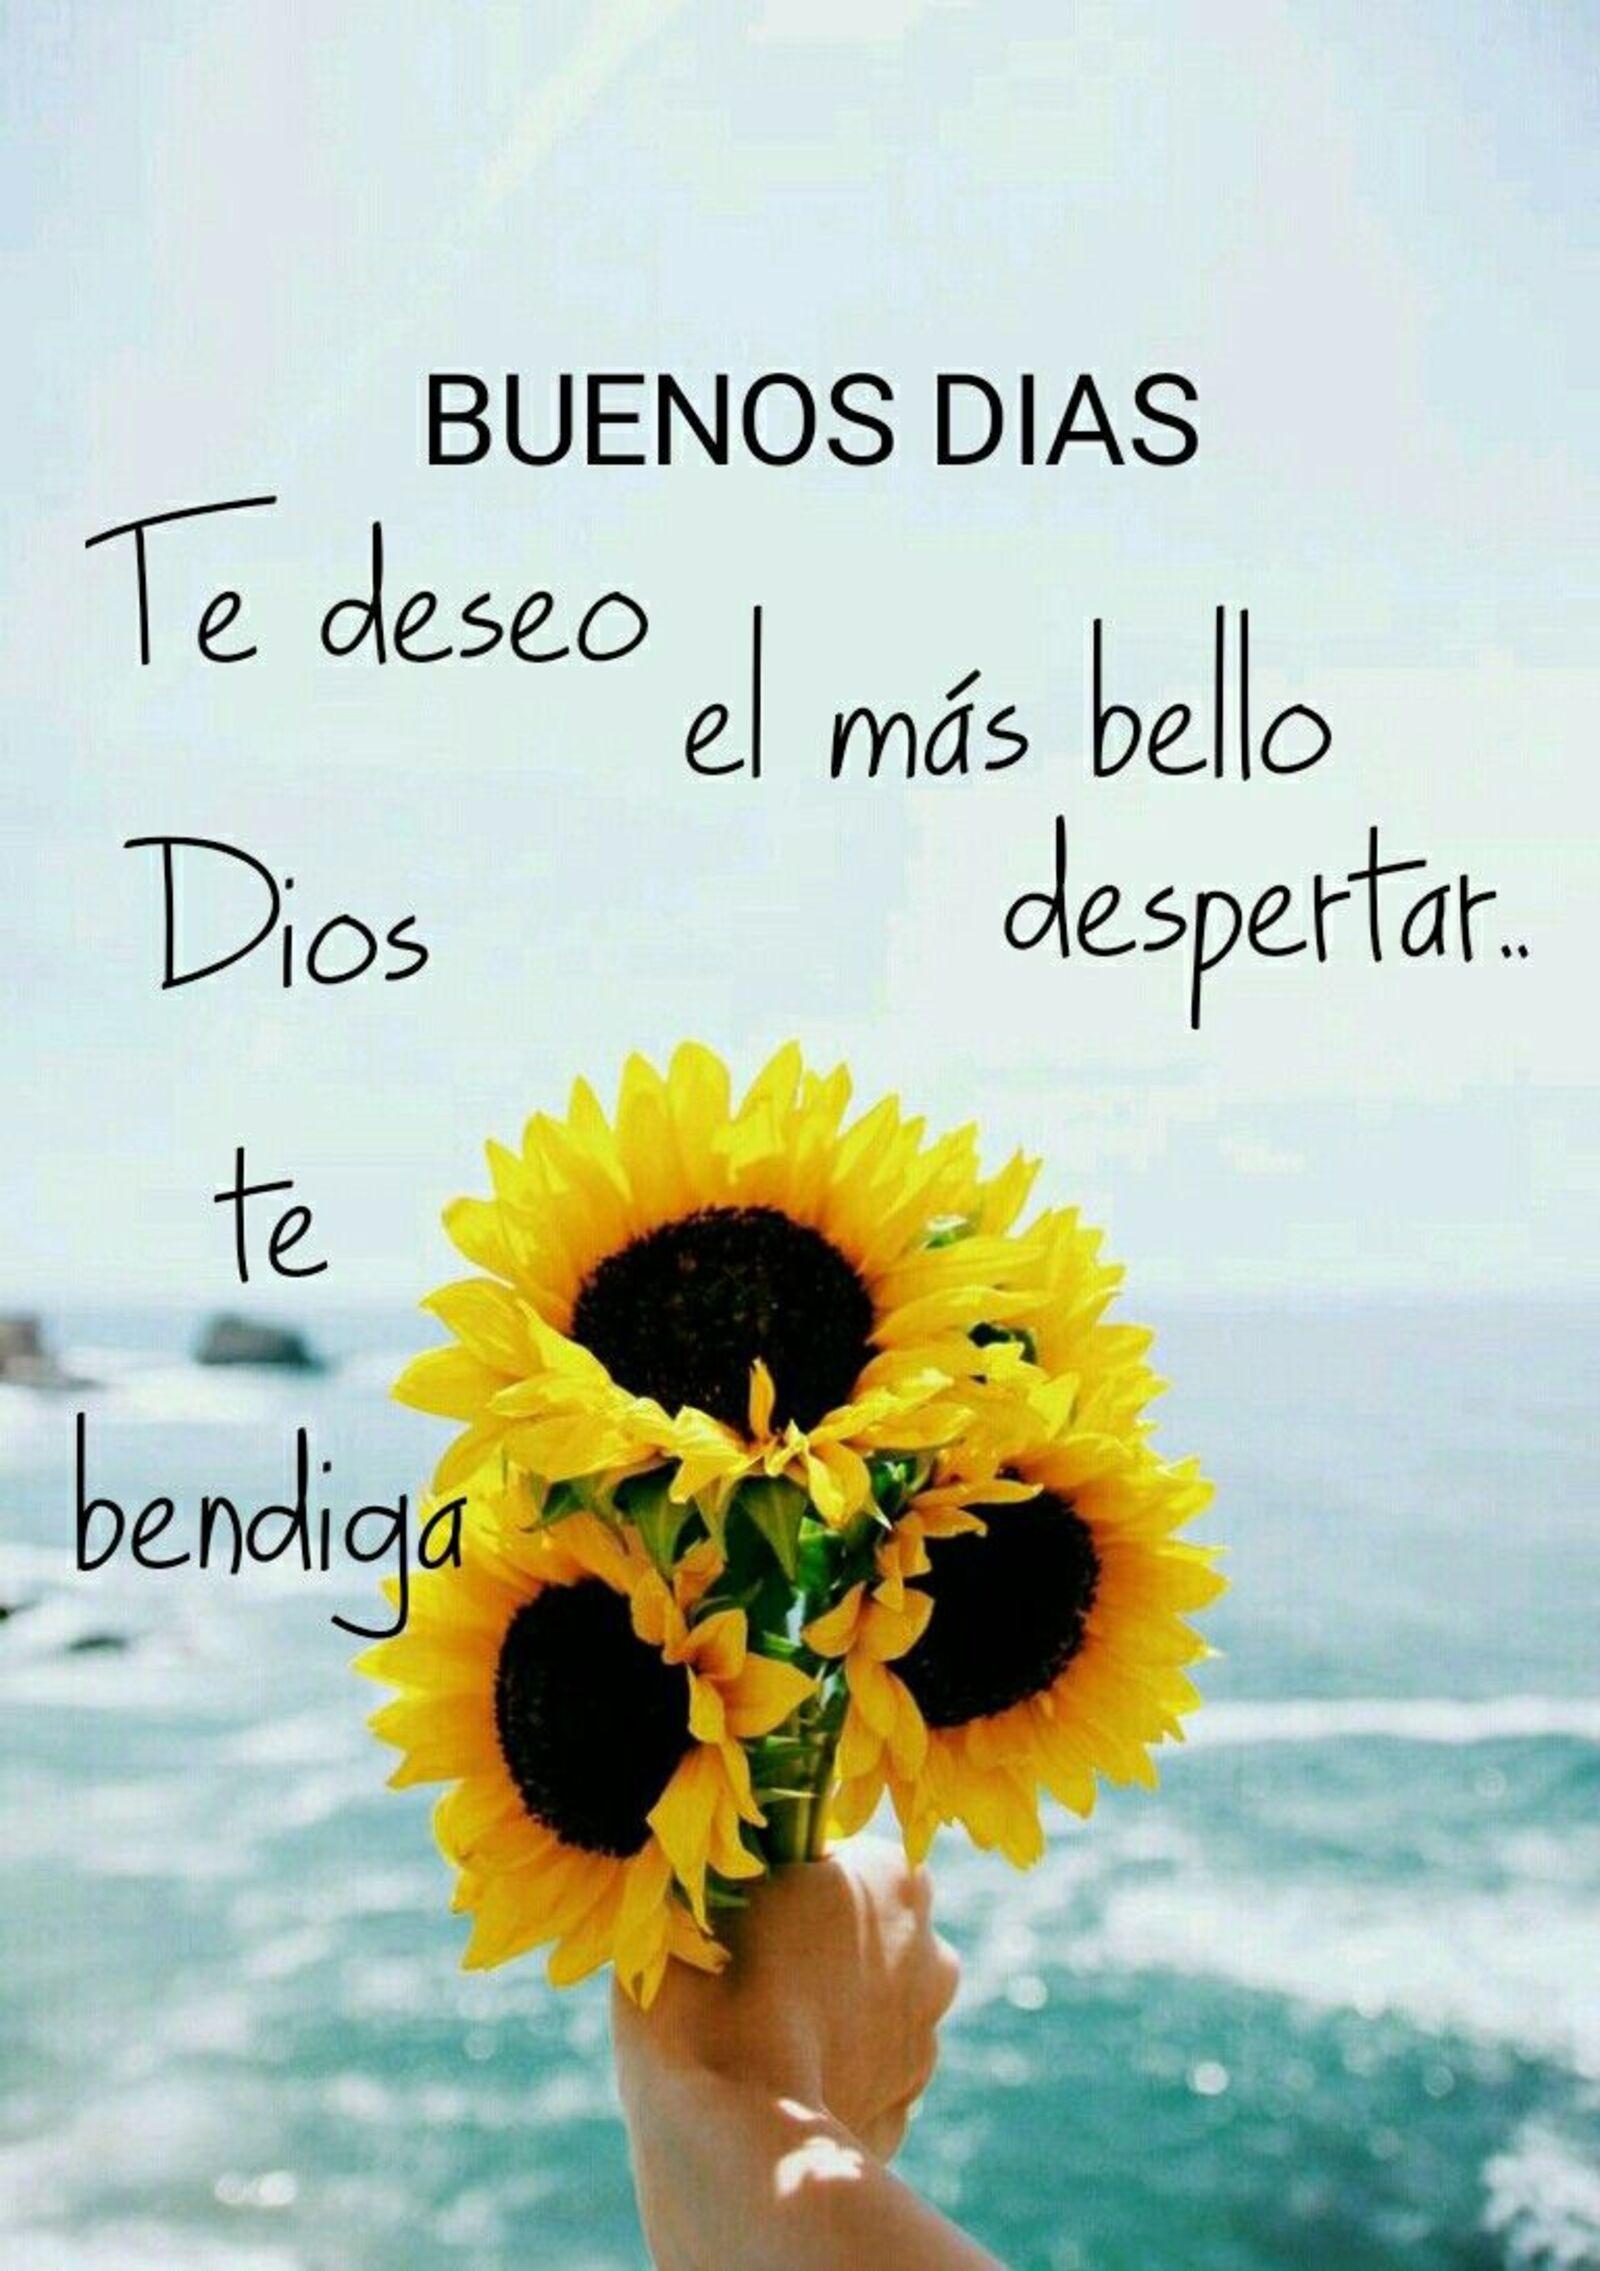 Buenos días te deseo el mas bello despertar...Dios te bendiga